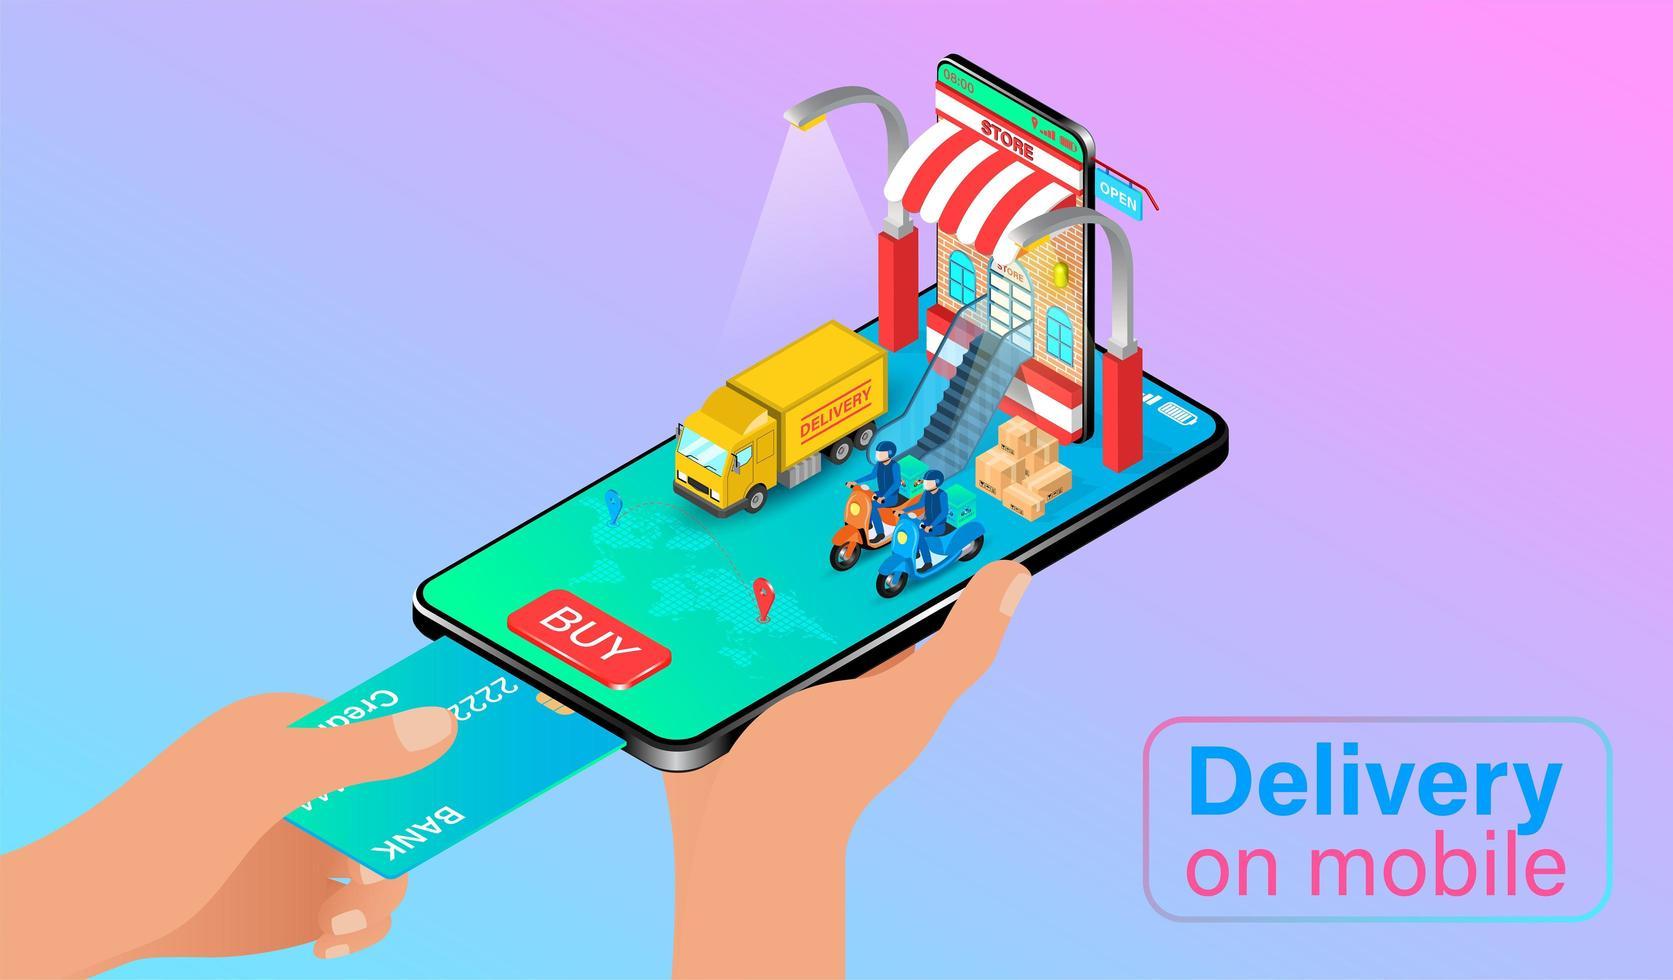 Teléfono móvil de mano para pagar la entrega vector